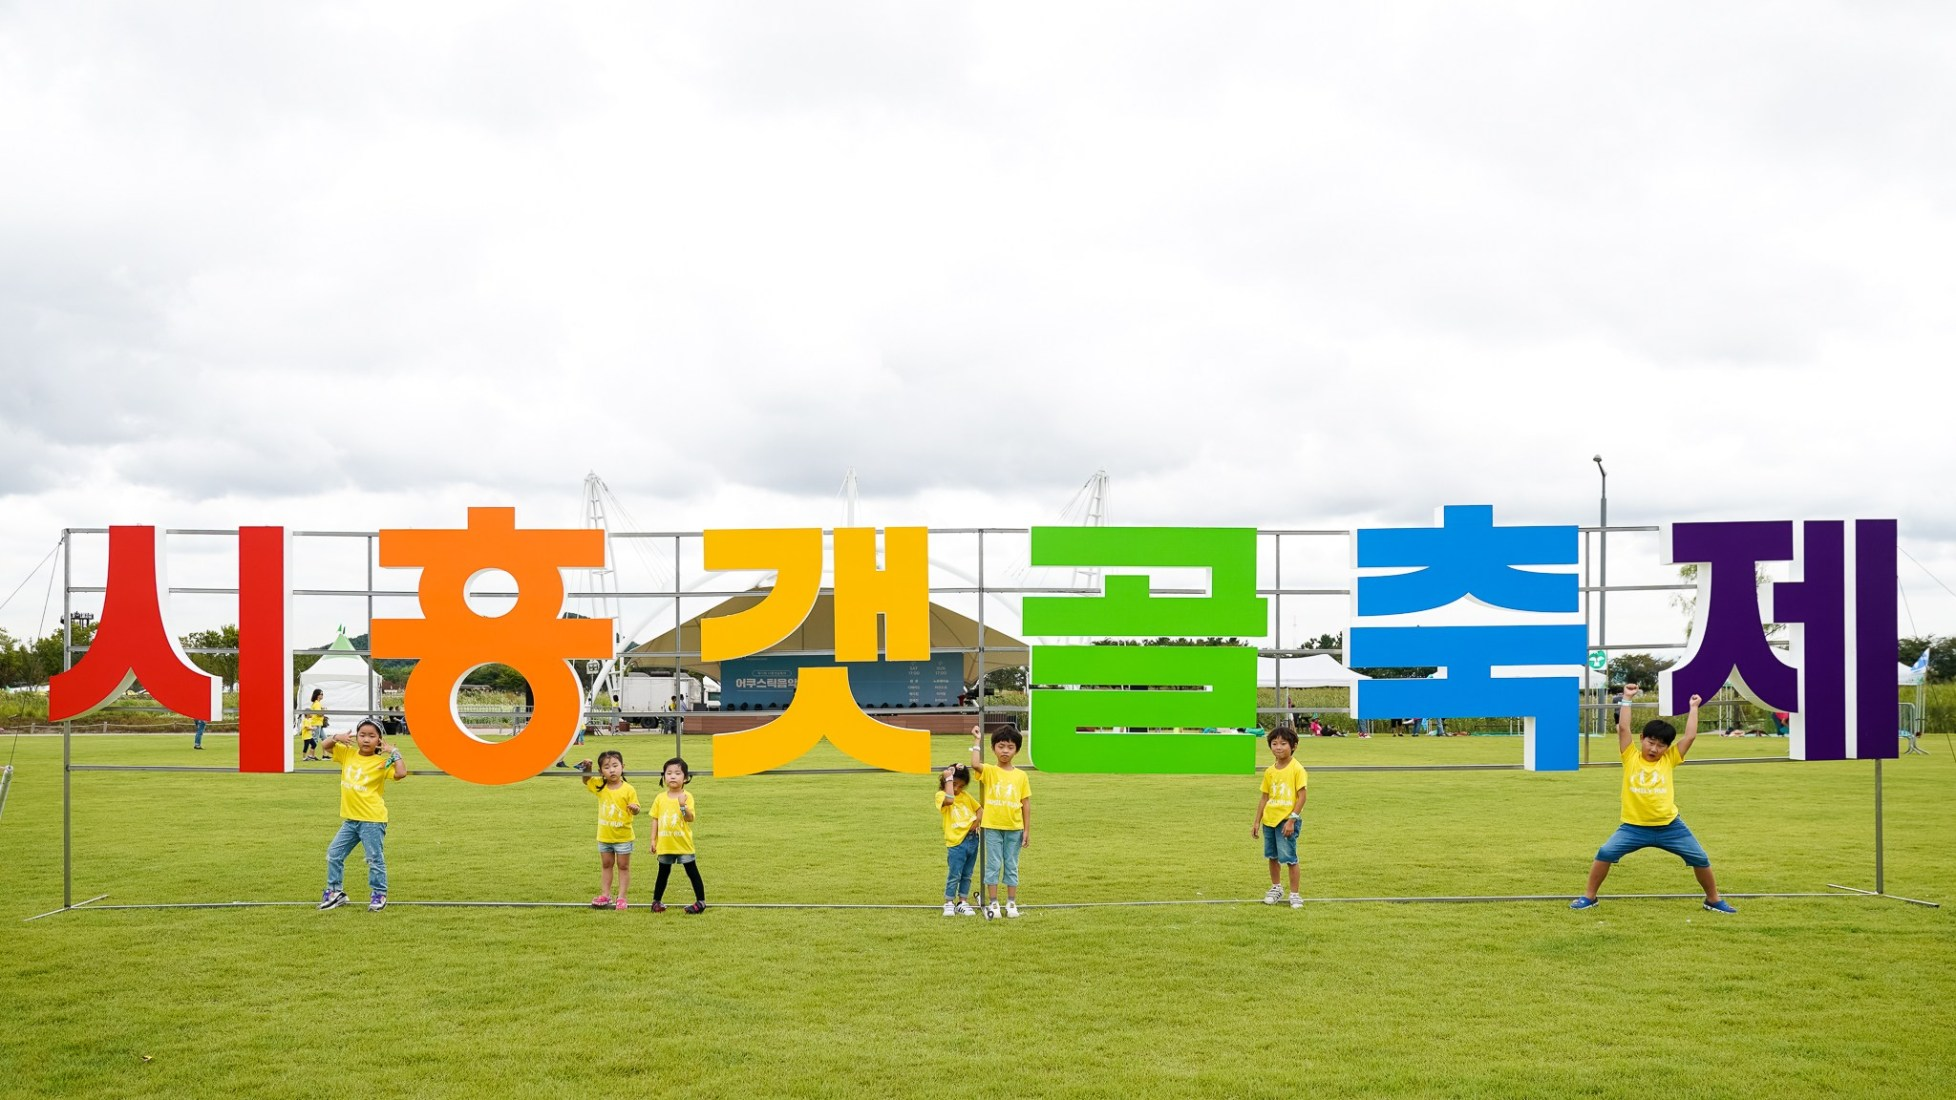 [文化观光庆典] 始兴河沟庆典[문화관광축제] 시흥갯골축제